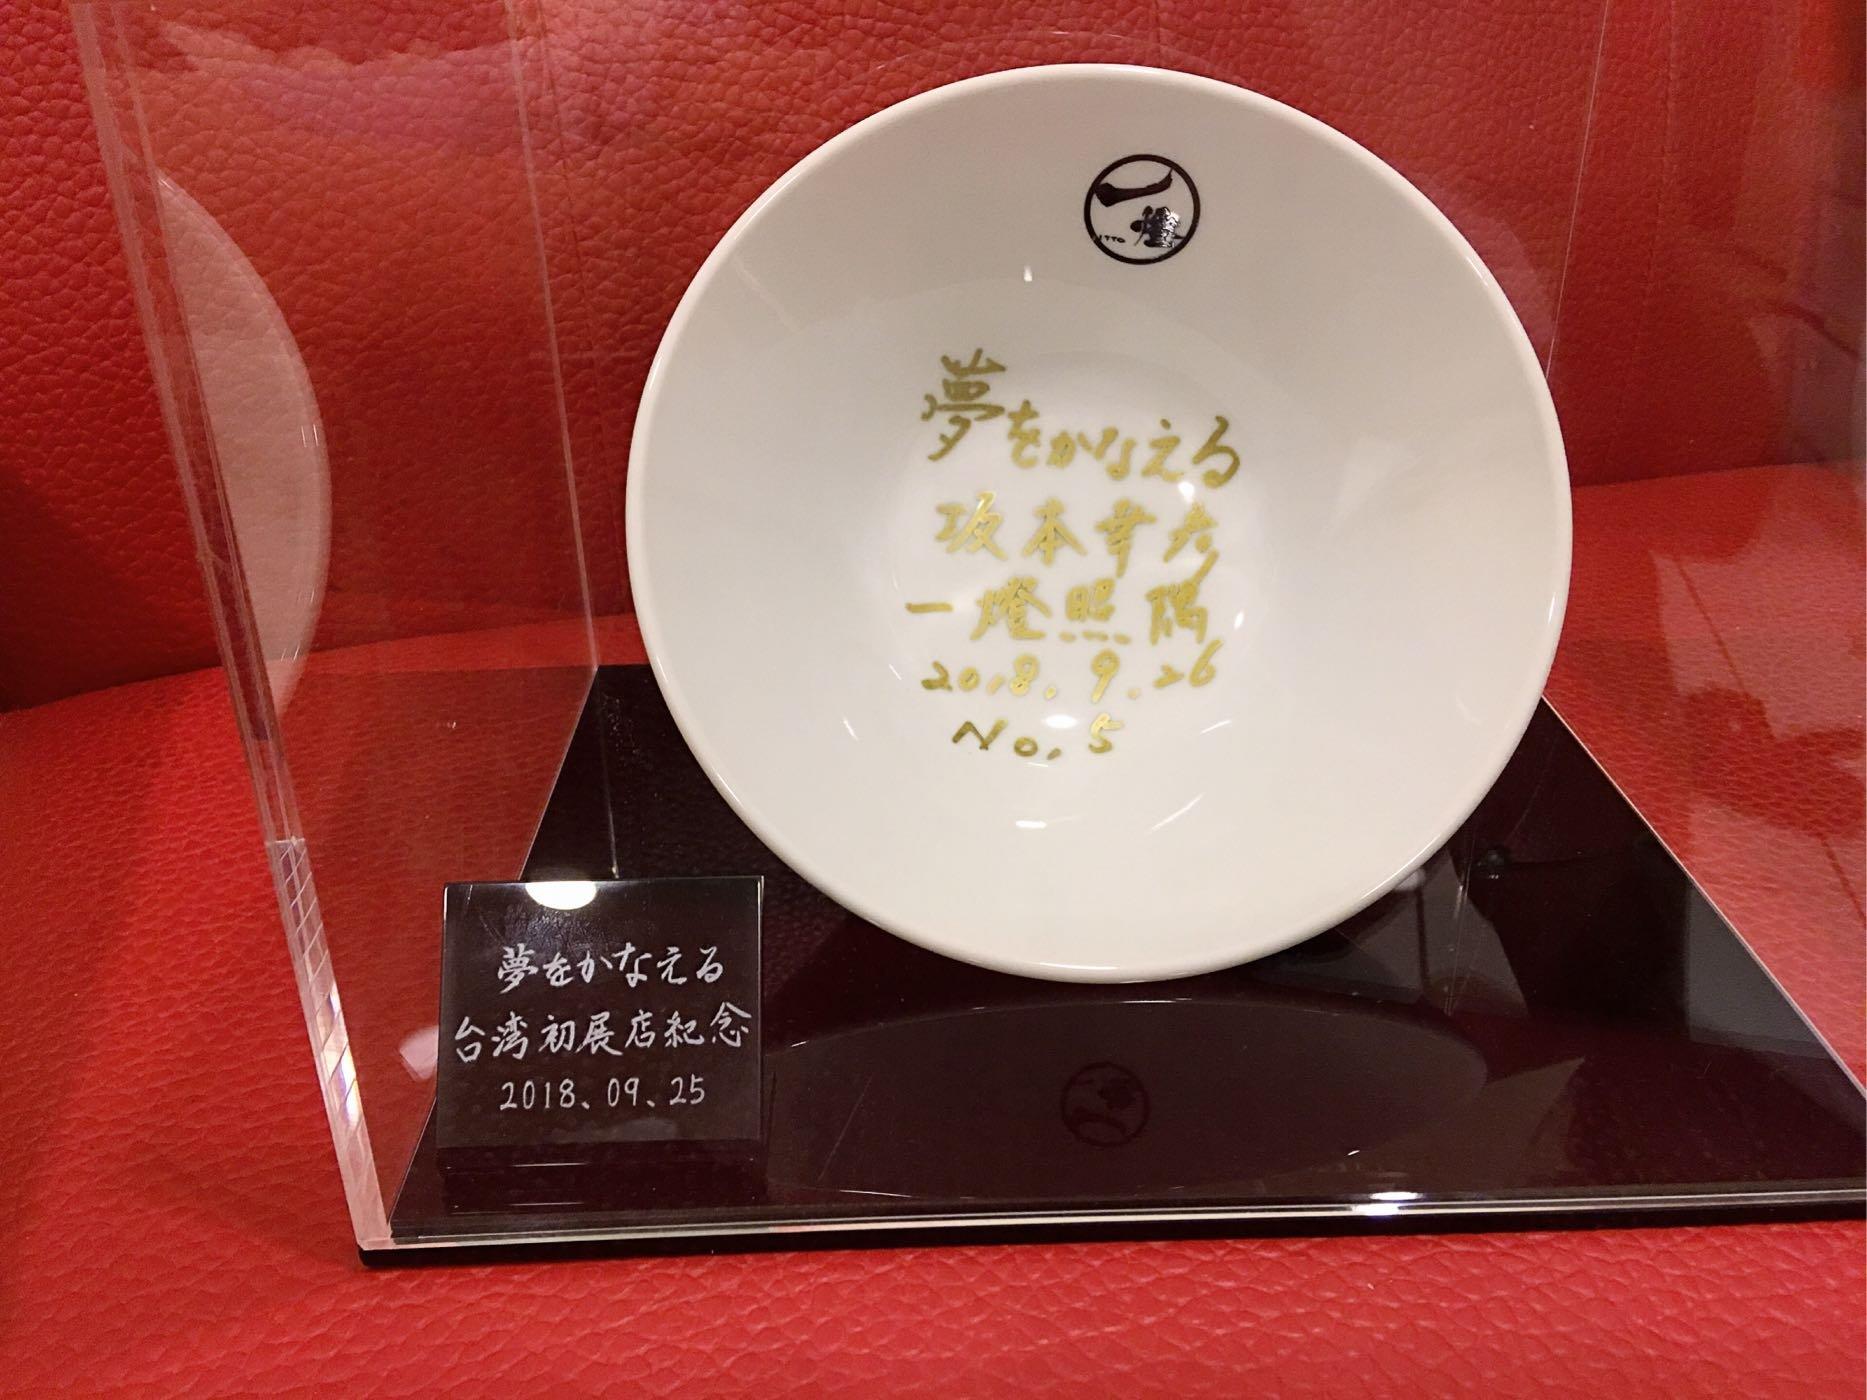 日本 夢想實現一燈 坂本社長 紀念簽名碗 限量 收藏 拉麵碗